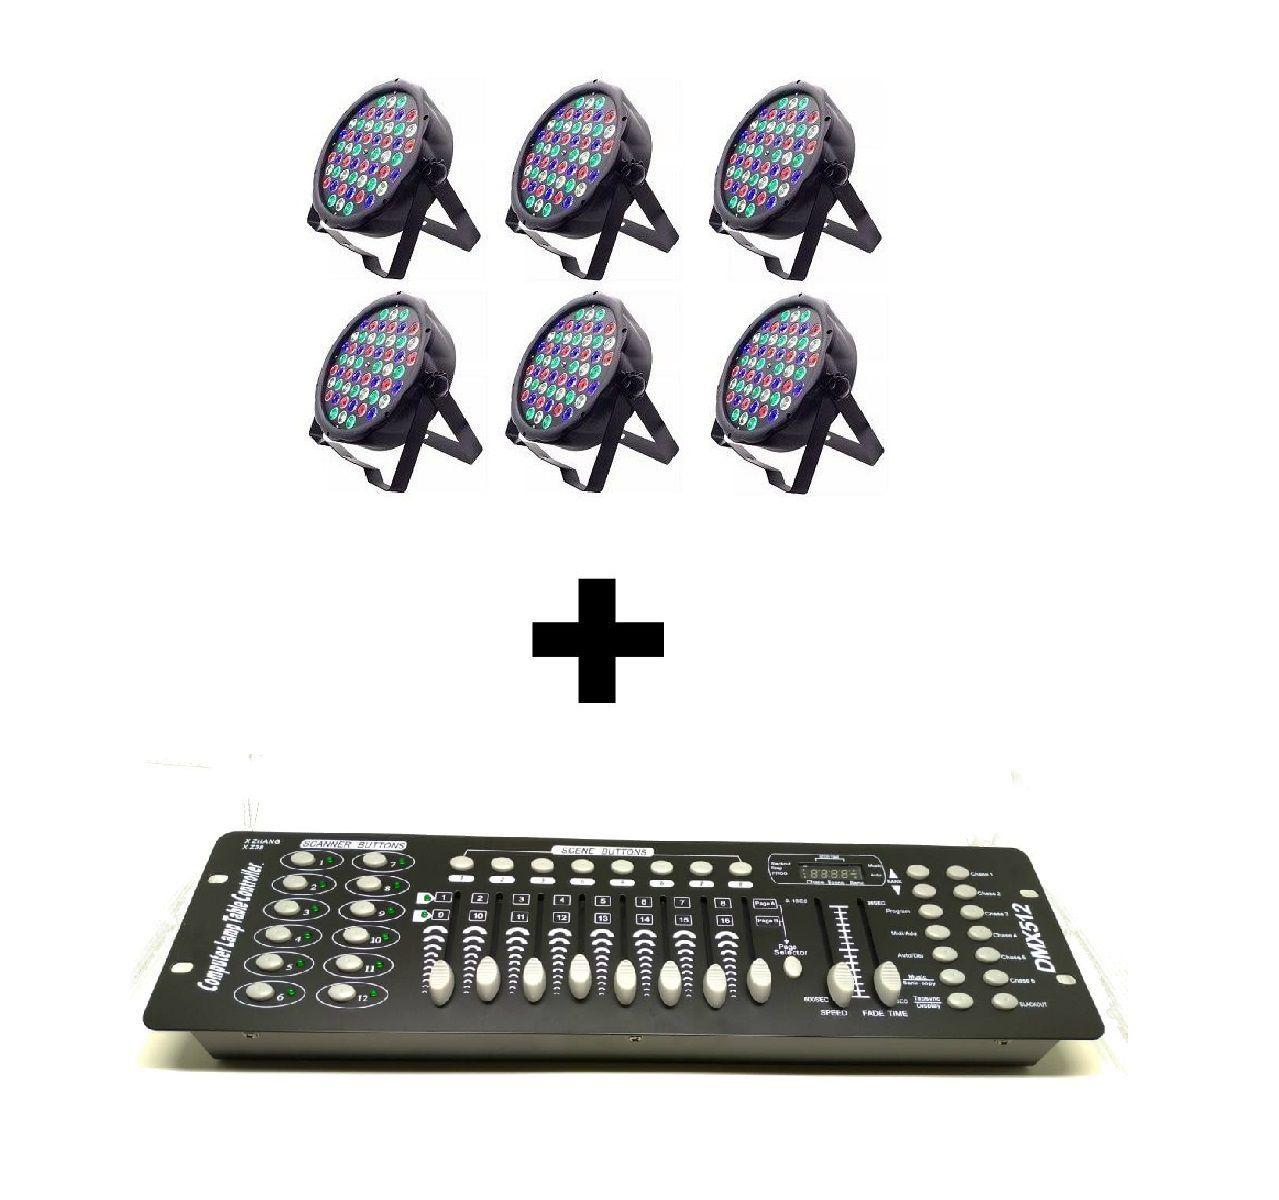 Kit 6x Luz Led Par 64 RBGW 54 Leds Strobo Painel Digital + Mesa DMX